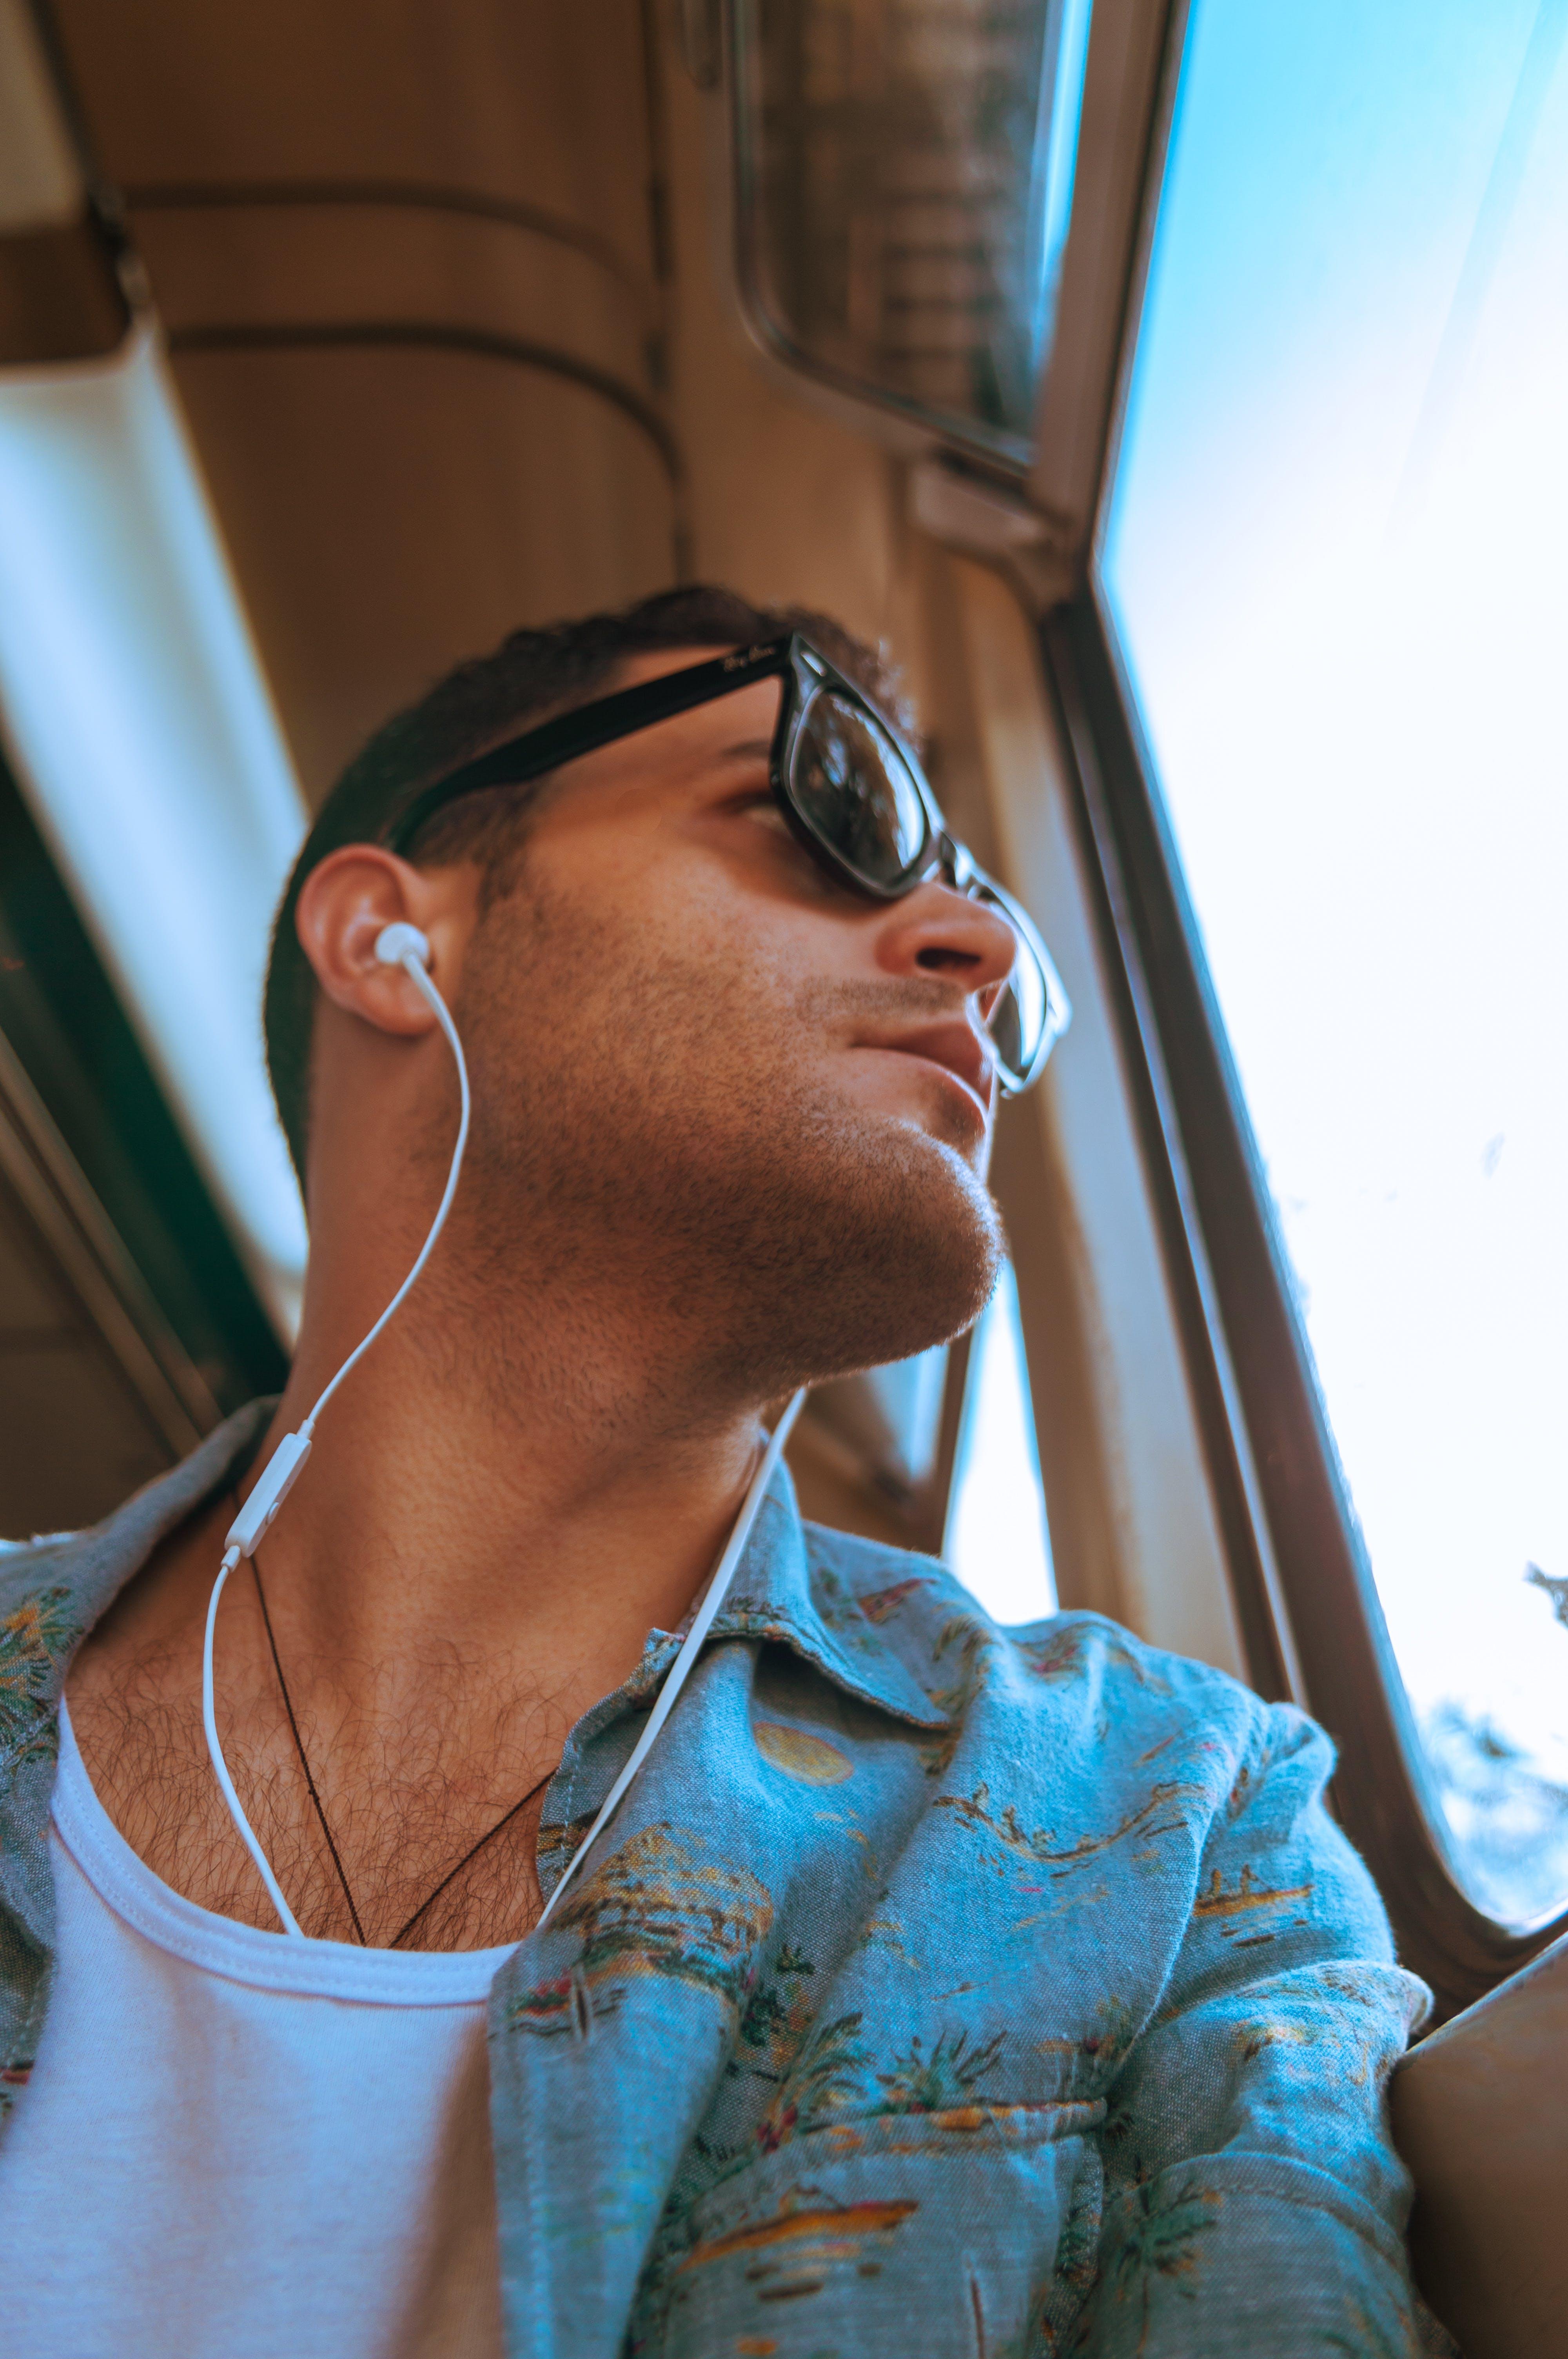 人, 休閒, 低角度拍攝, 傾聽 的 免费素材照片